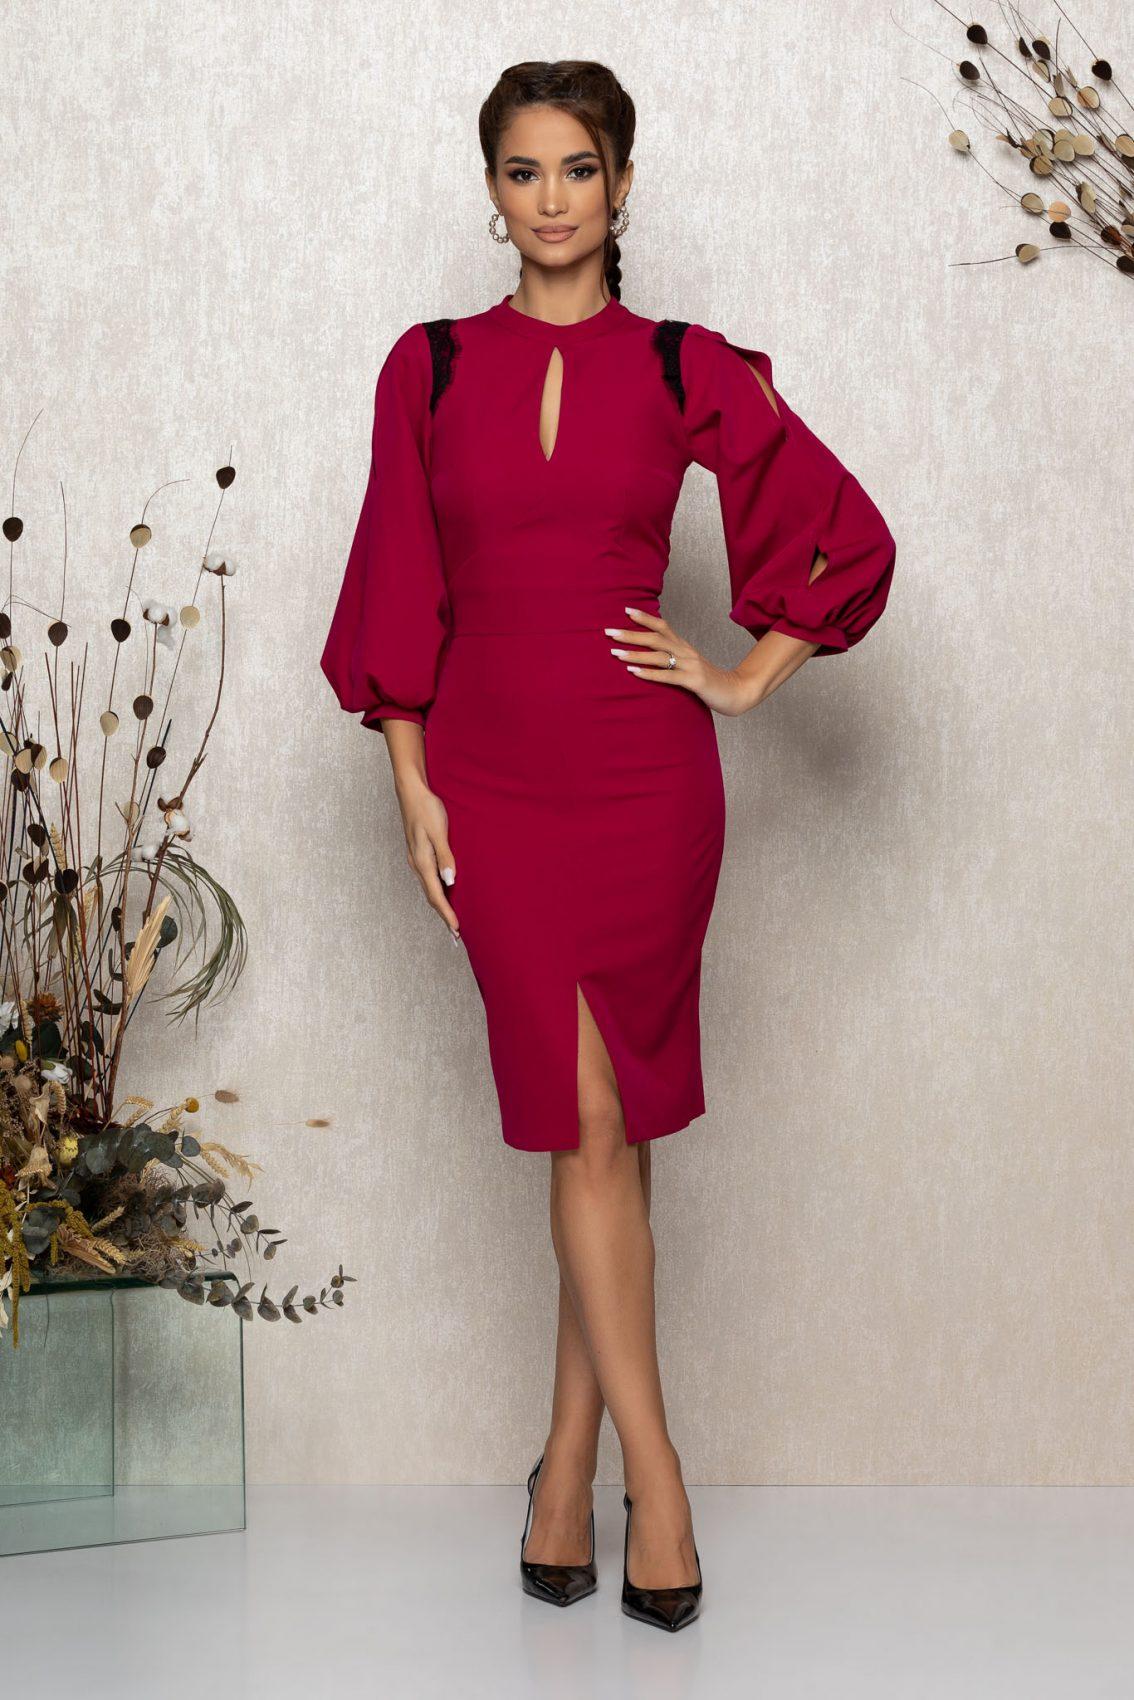 Κυκλάμινο Μίντι Βραδινό Φόρεμα Irina T355 1